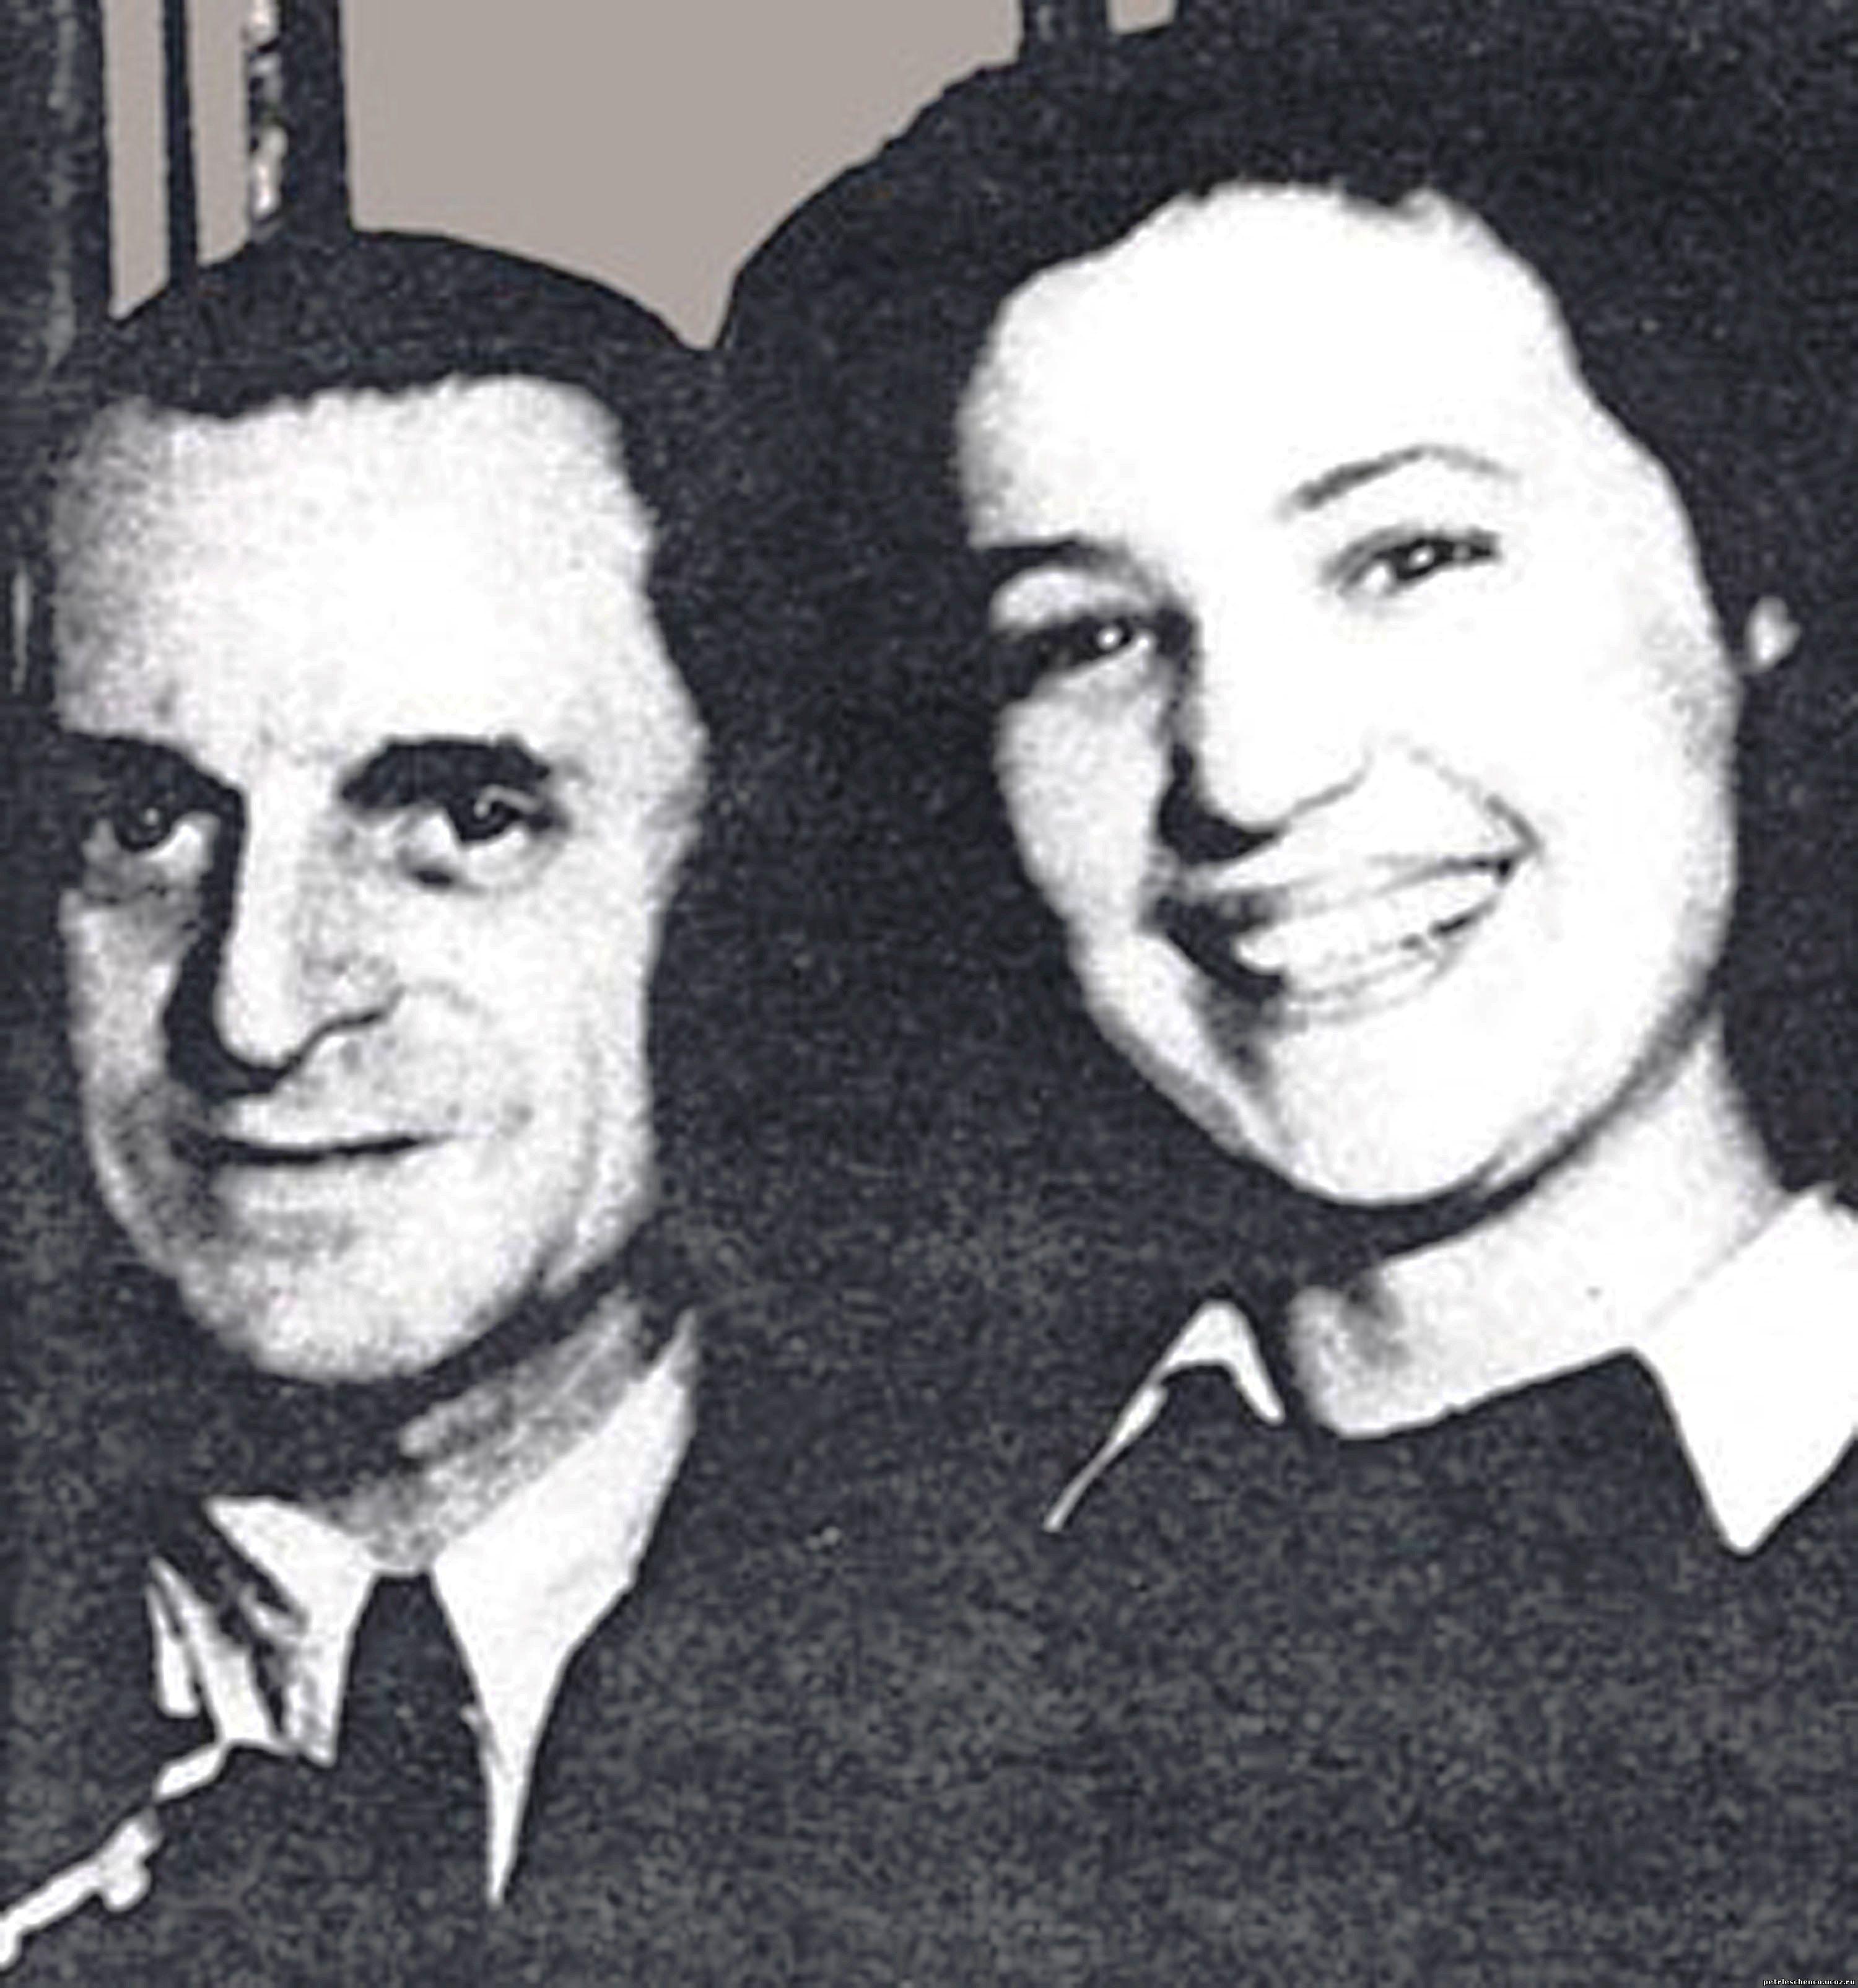 уже попробовал петр лещенко фото первой жены стоянов посчитал